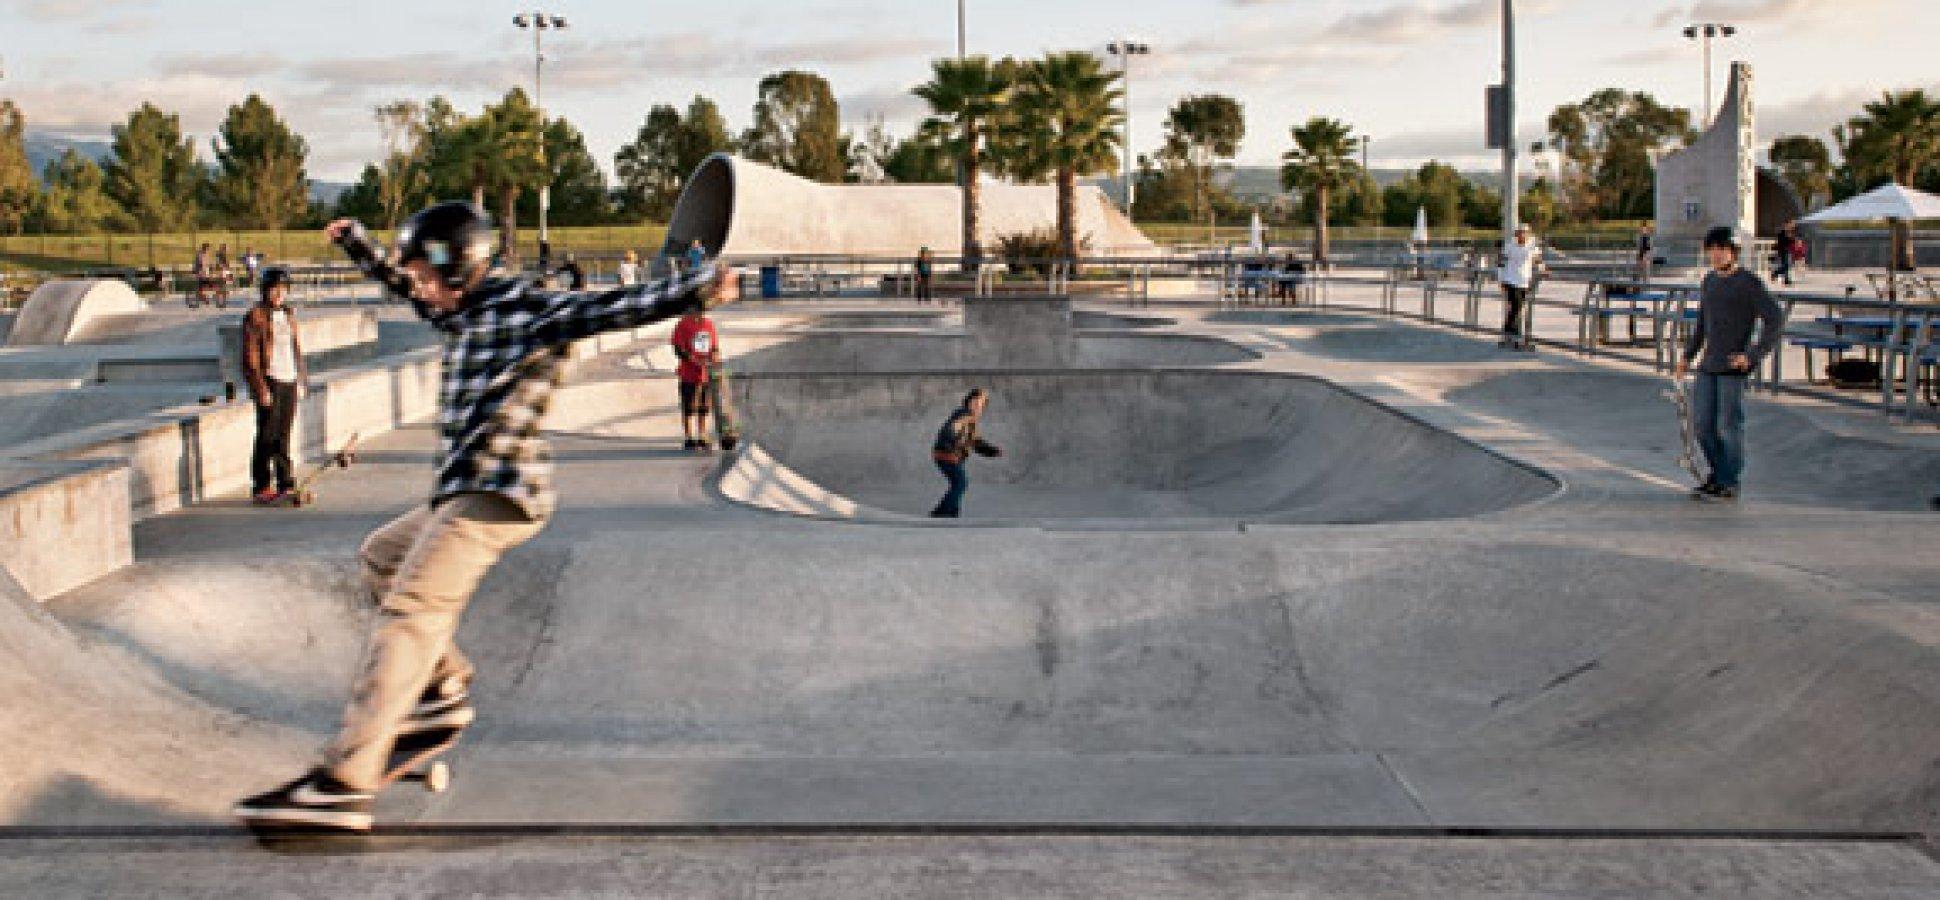 supervisor kathryn barger two skate parks approved in quartz hill